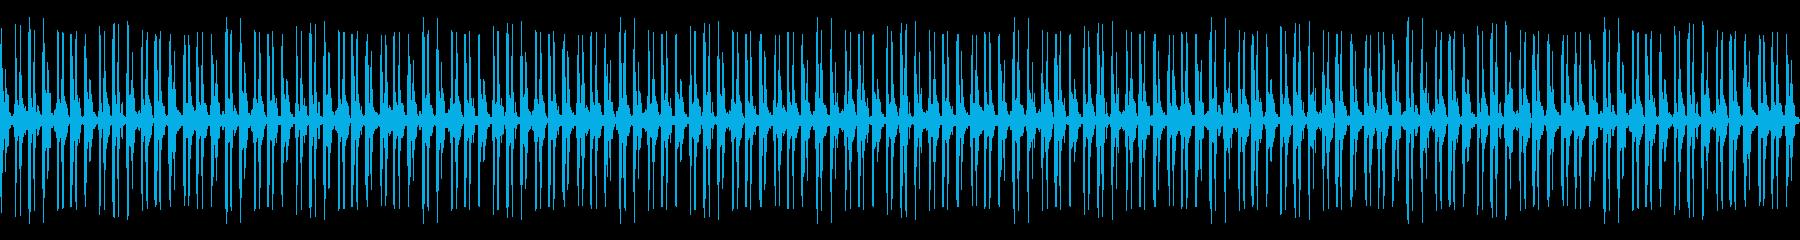 ハートビート:低周波ビーティング病...の再生済みの波形